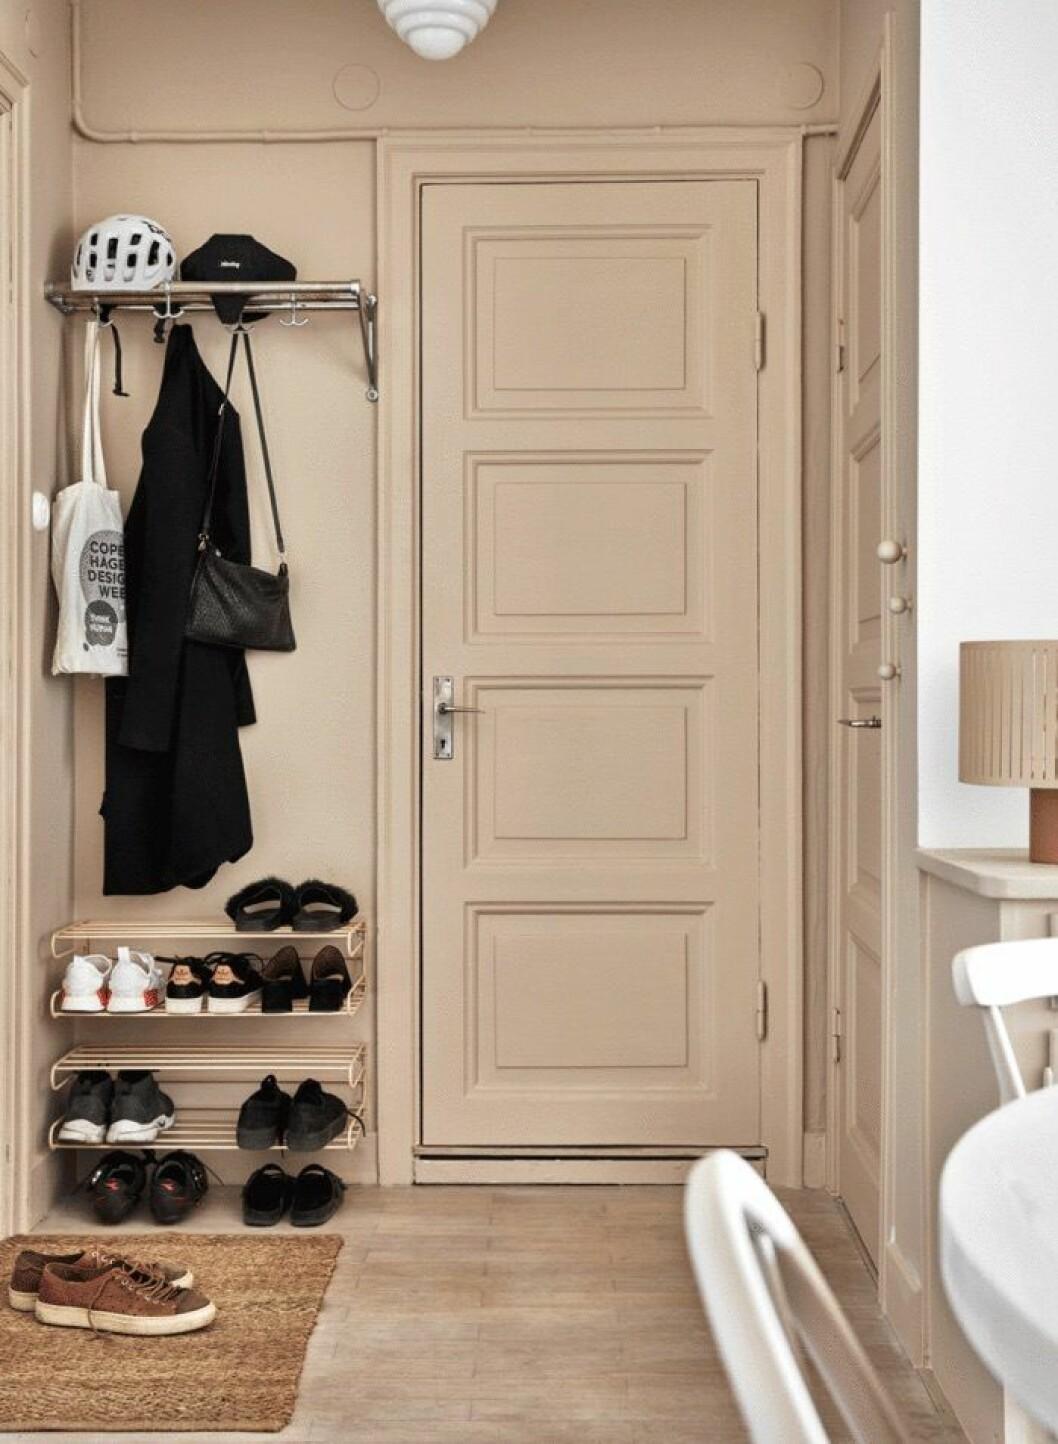 Inmålade dörrar ger intrycket av en lyxigare hall.